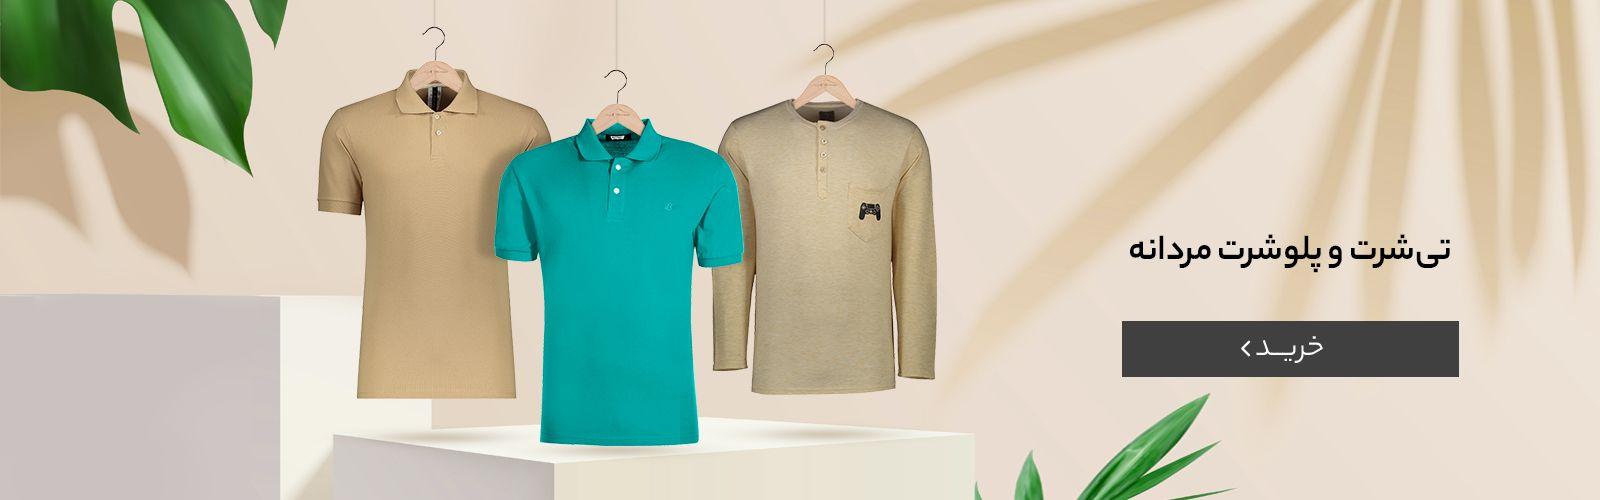 تی شرت و پلوشرت مردانه